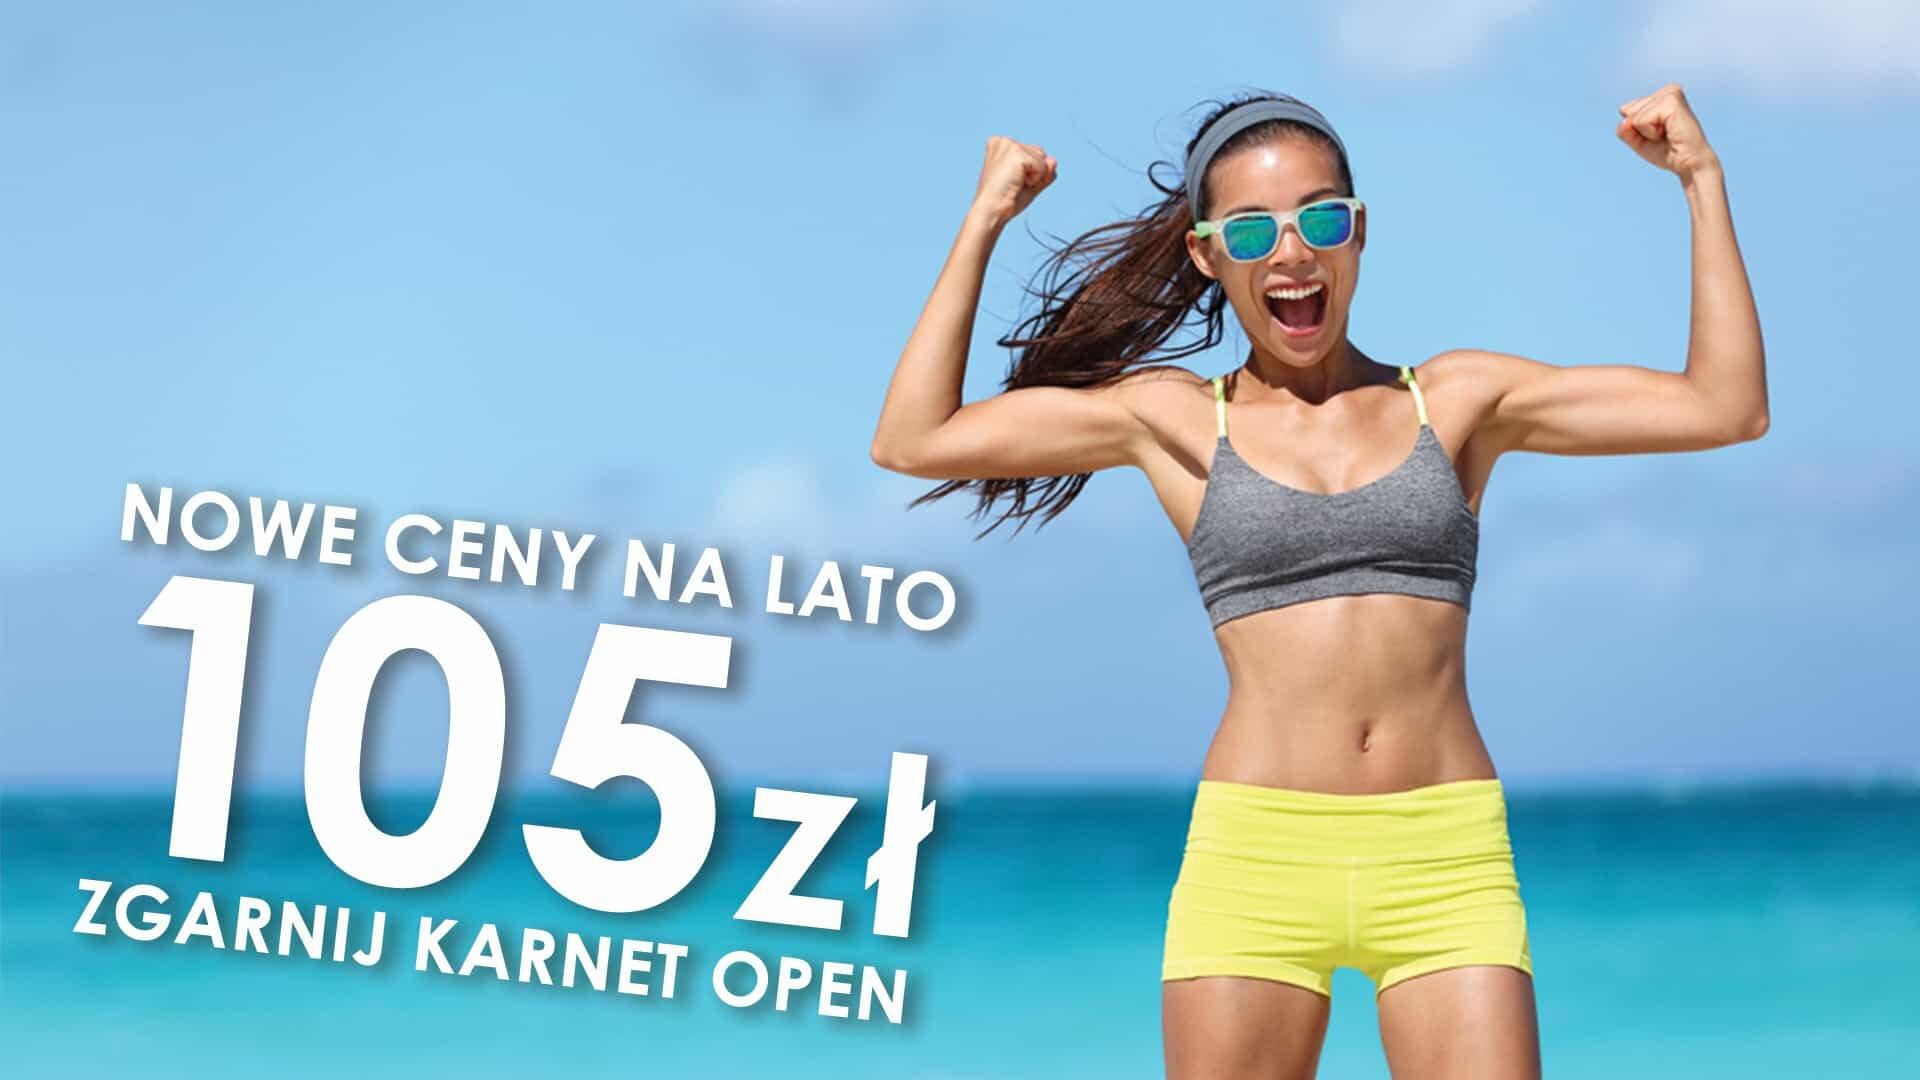 Nowe ceny na lato Wrocław Siłownia Klub Fitness Tanio Fitness Latte Krzyki Przyjaźni